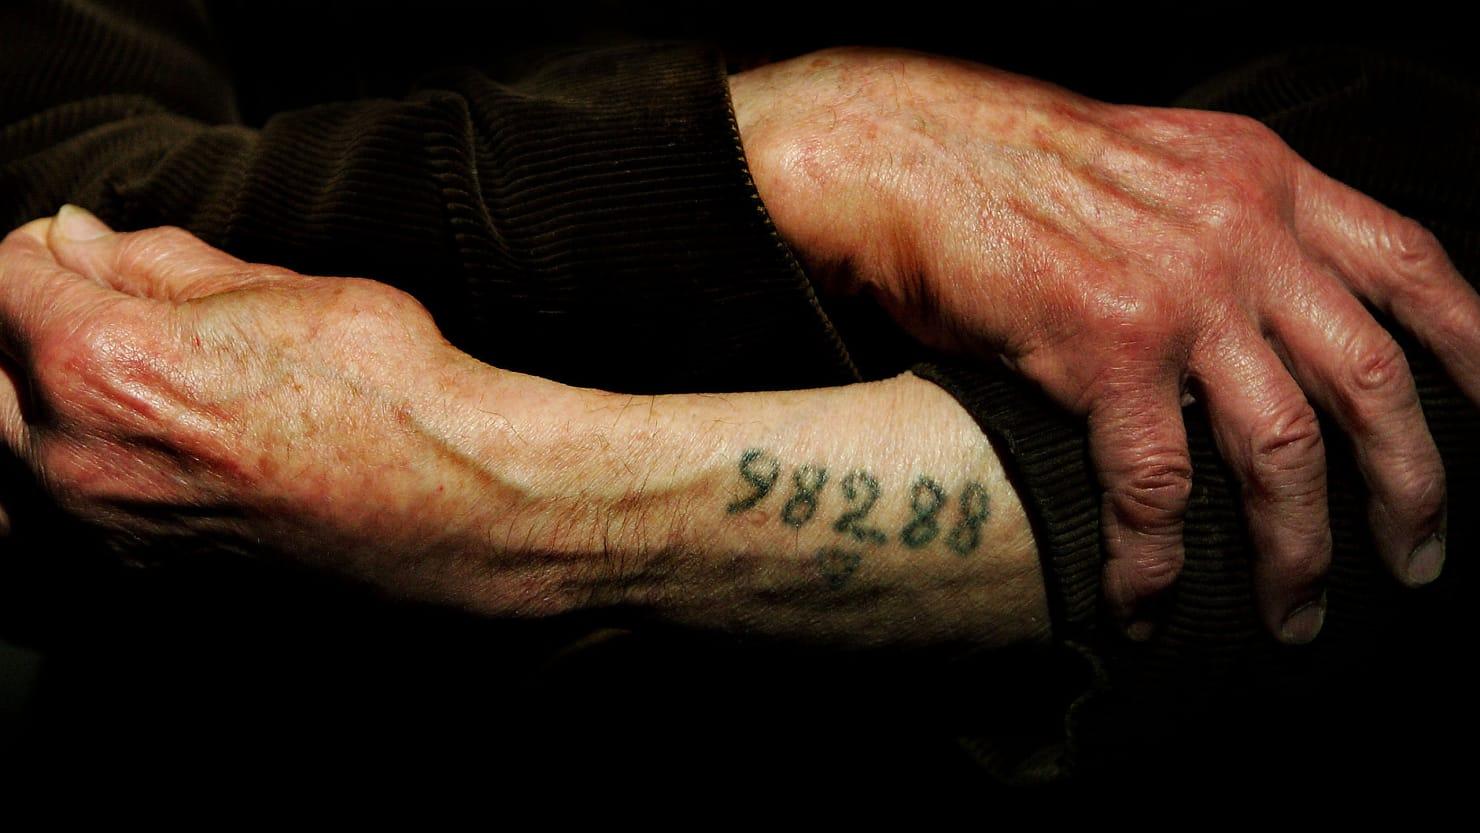 Auschwitz survivor Mr. Leon Greenman, prison number 98288, displays his number tattoo.